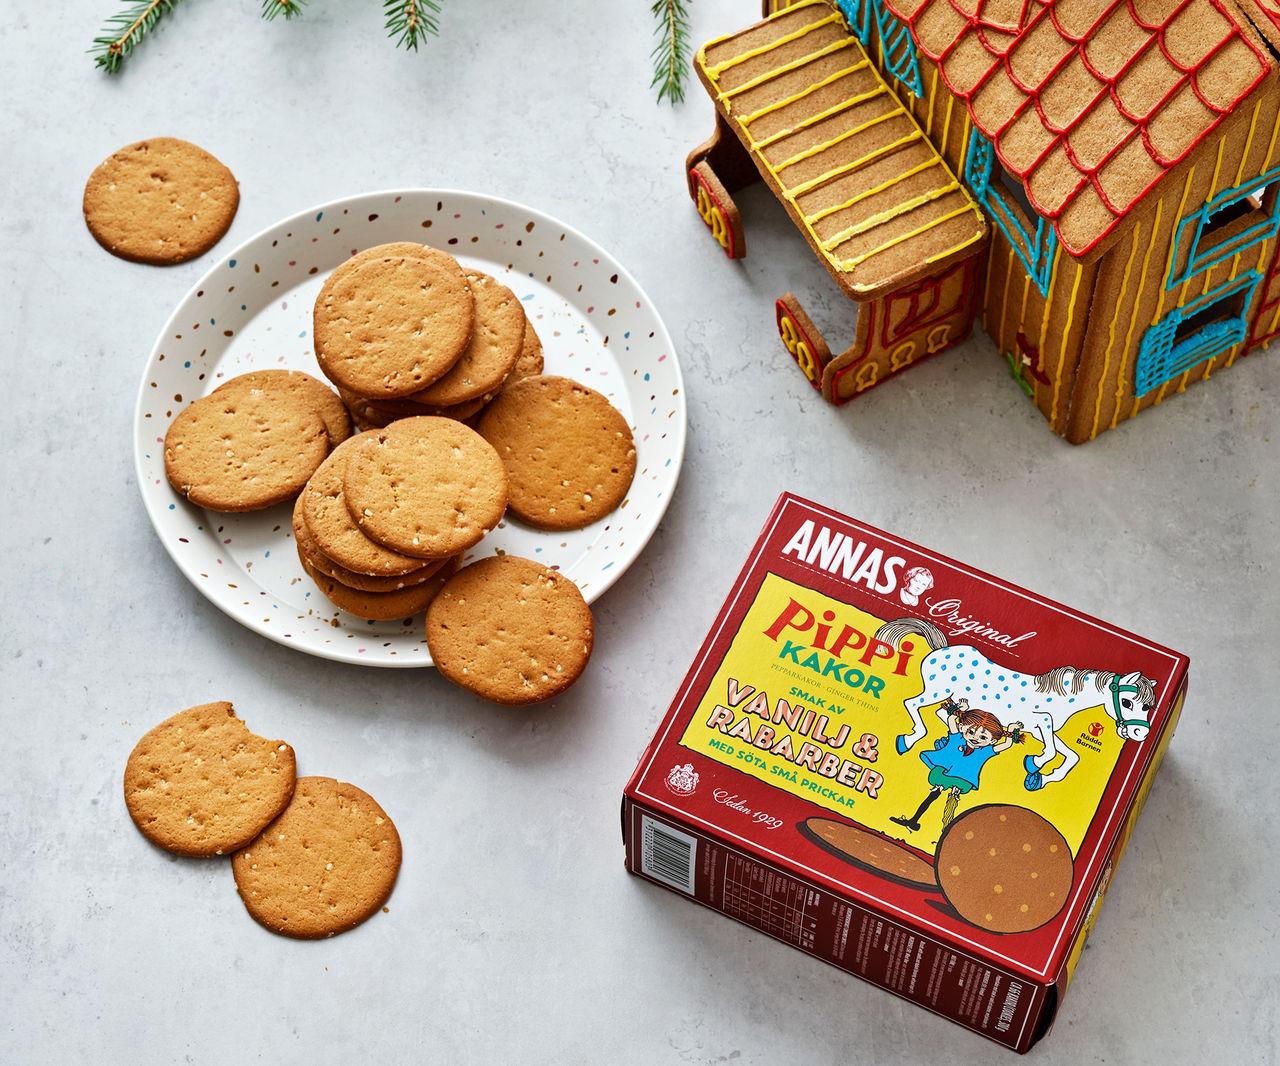 Pippi-pepparkakor med rabarber och vanilj